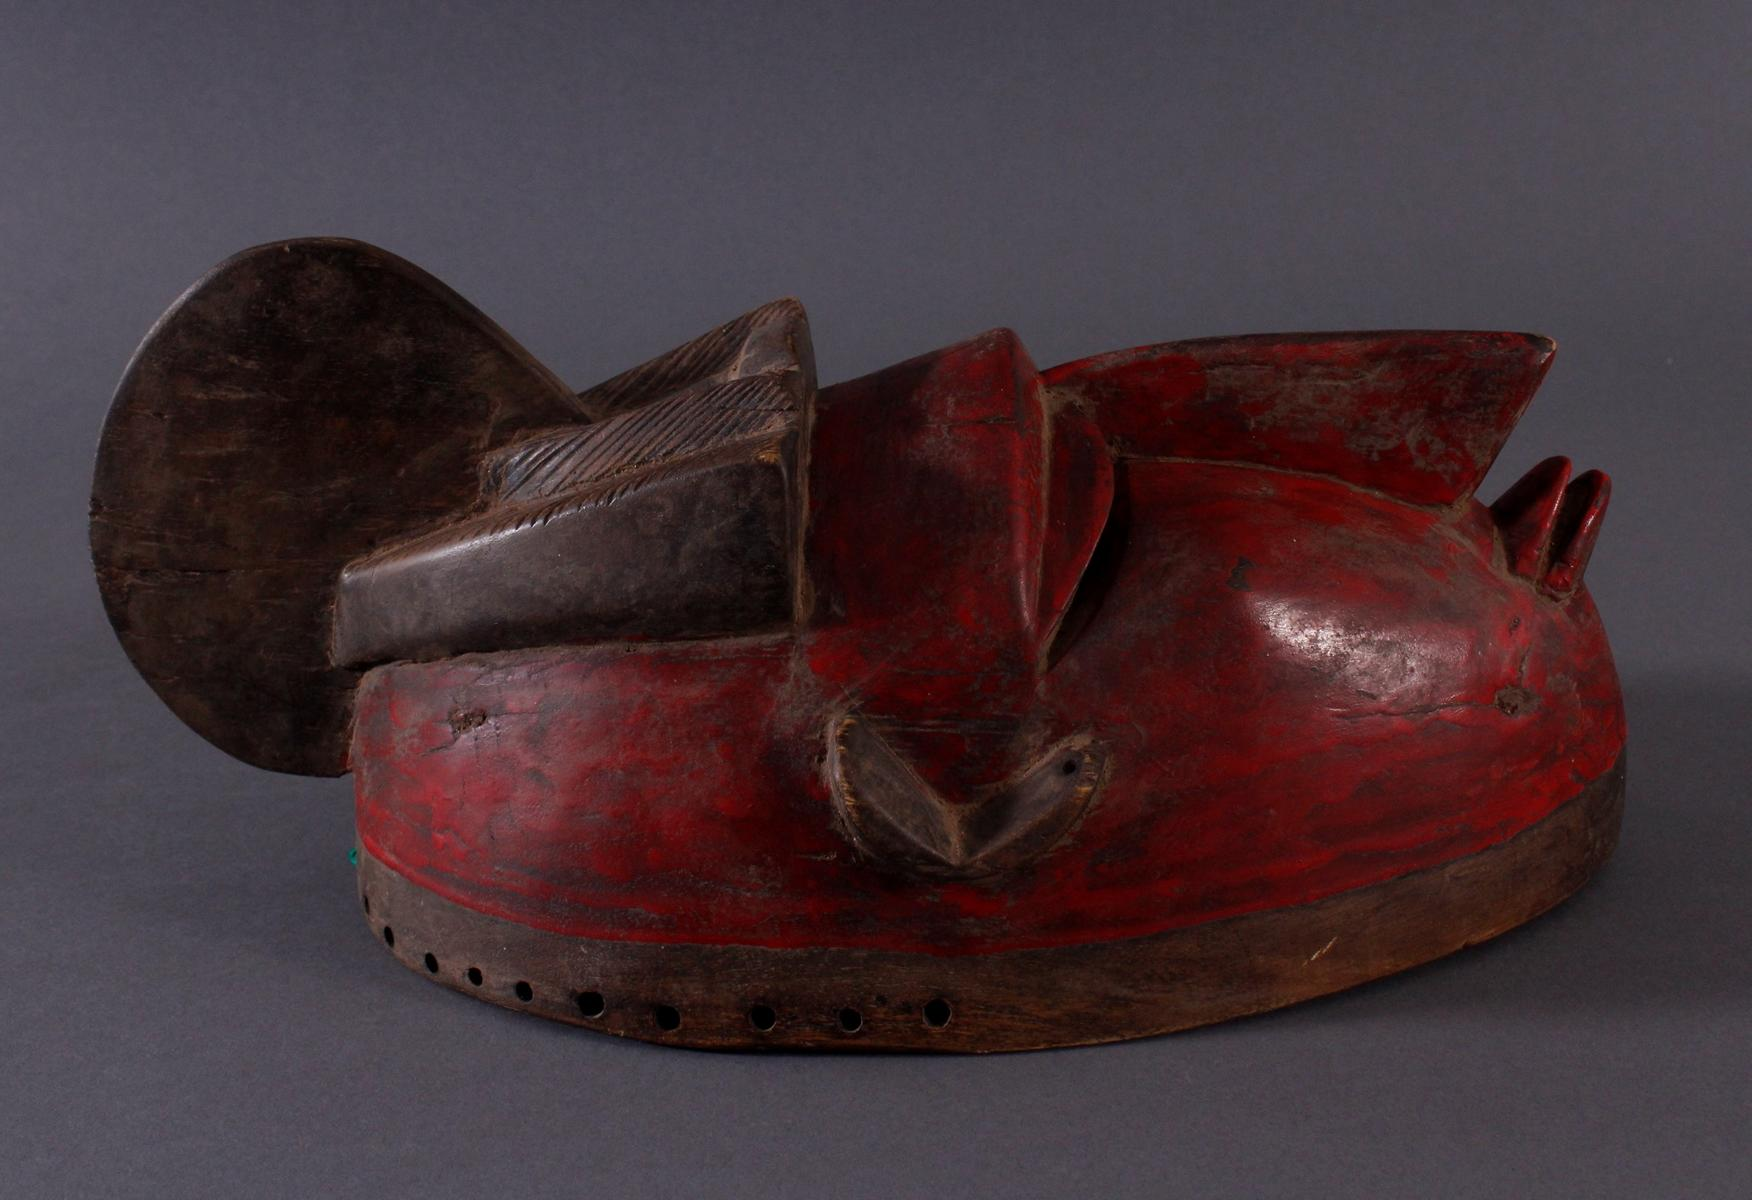 Antike Maske der Baule, Elfenbeinküste 1. Hälfte 20. Jh.Holz geschnitzt, dunkle Patina, partiell rot - Bild 2 aus 6